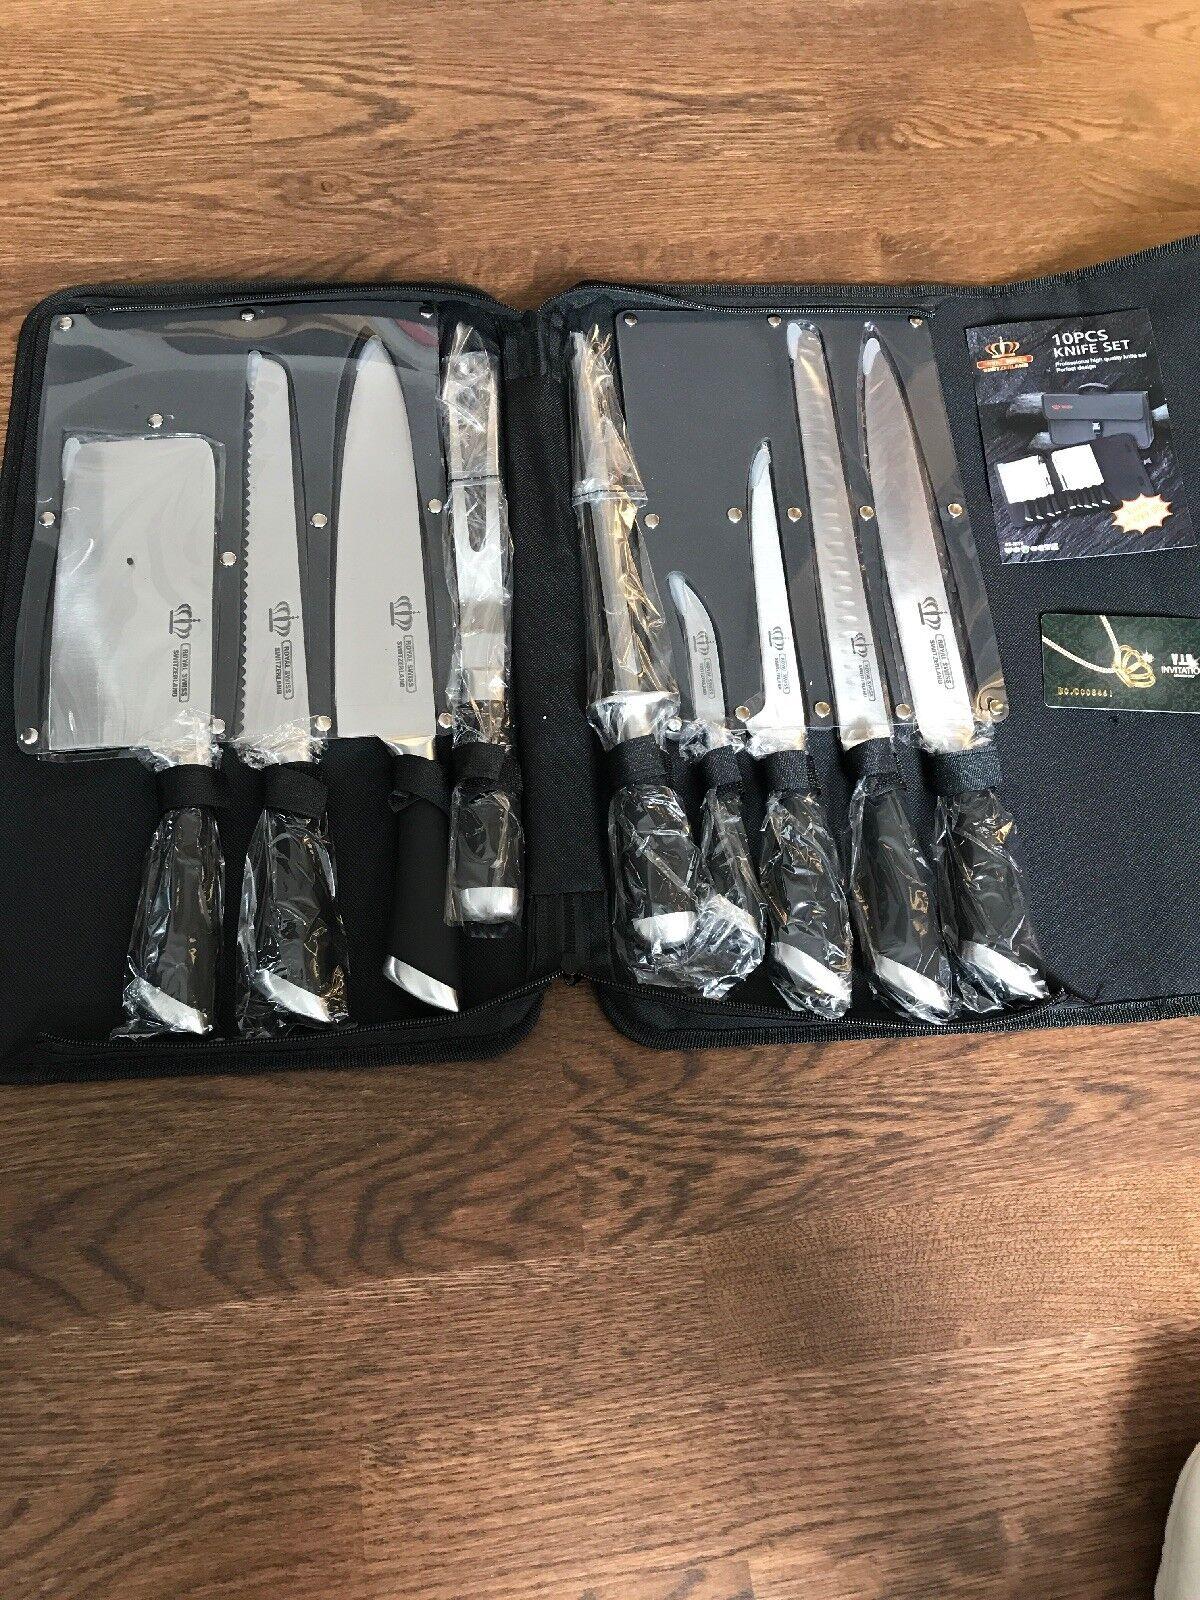 Messerset 10-tlg Royal Swiss Neu Profi Set Messer incl.Tasche Etui OVP